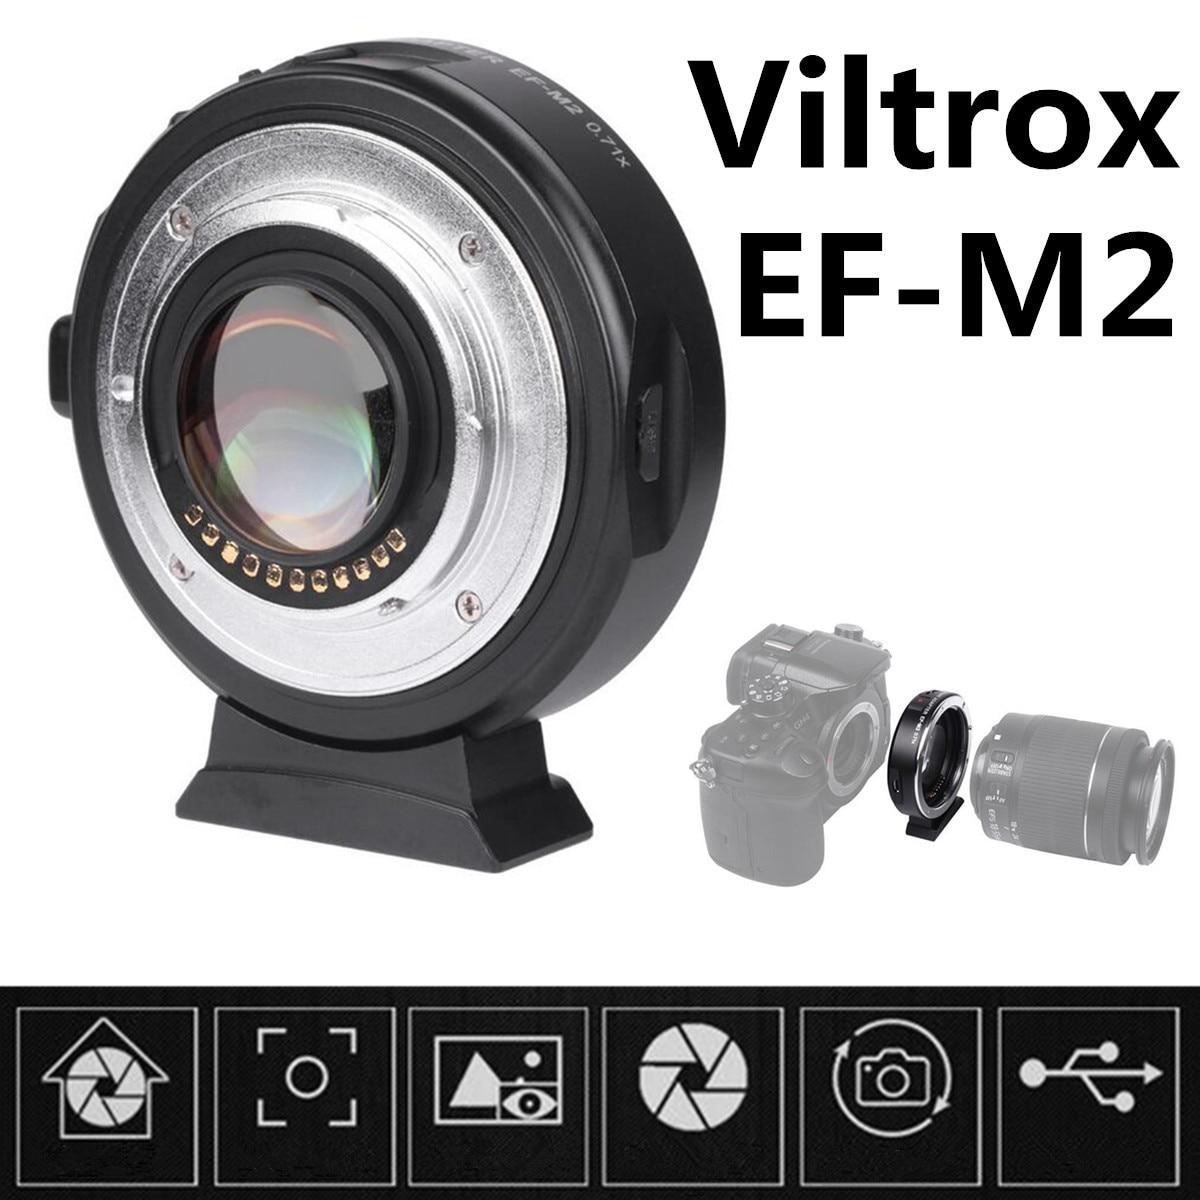 EF-M2 II réducteur Focal Booster adaptateur électronique Auto-focu 0.71x pour Canon EF monture objectif à EOS M caméra M6 M3 M5 M10 M100 M50